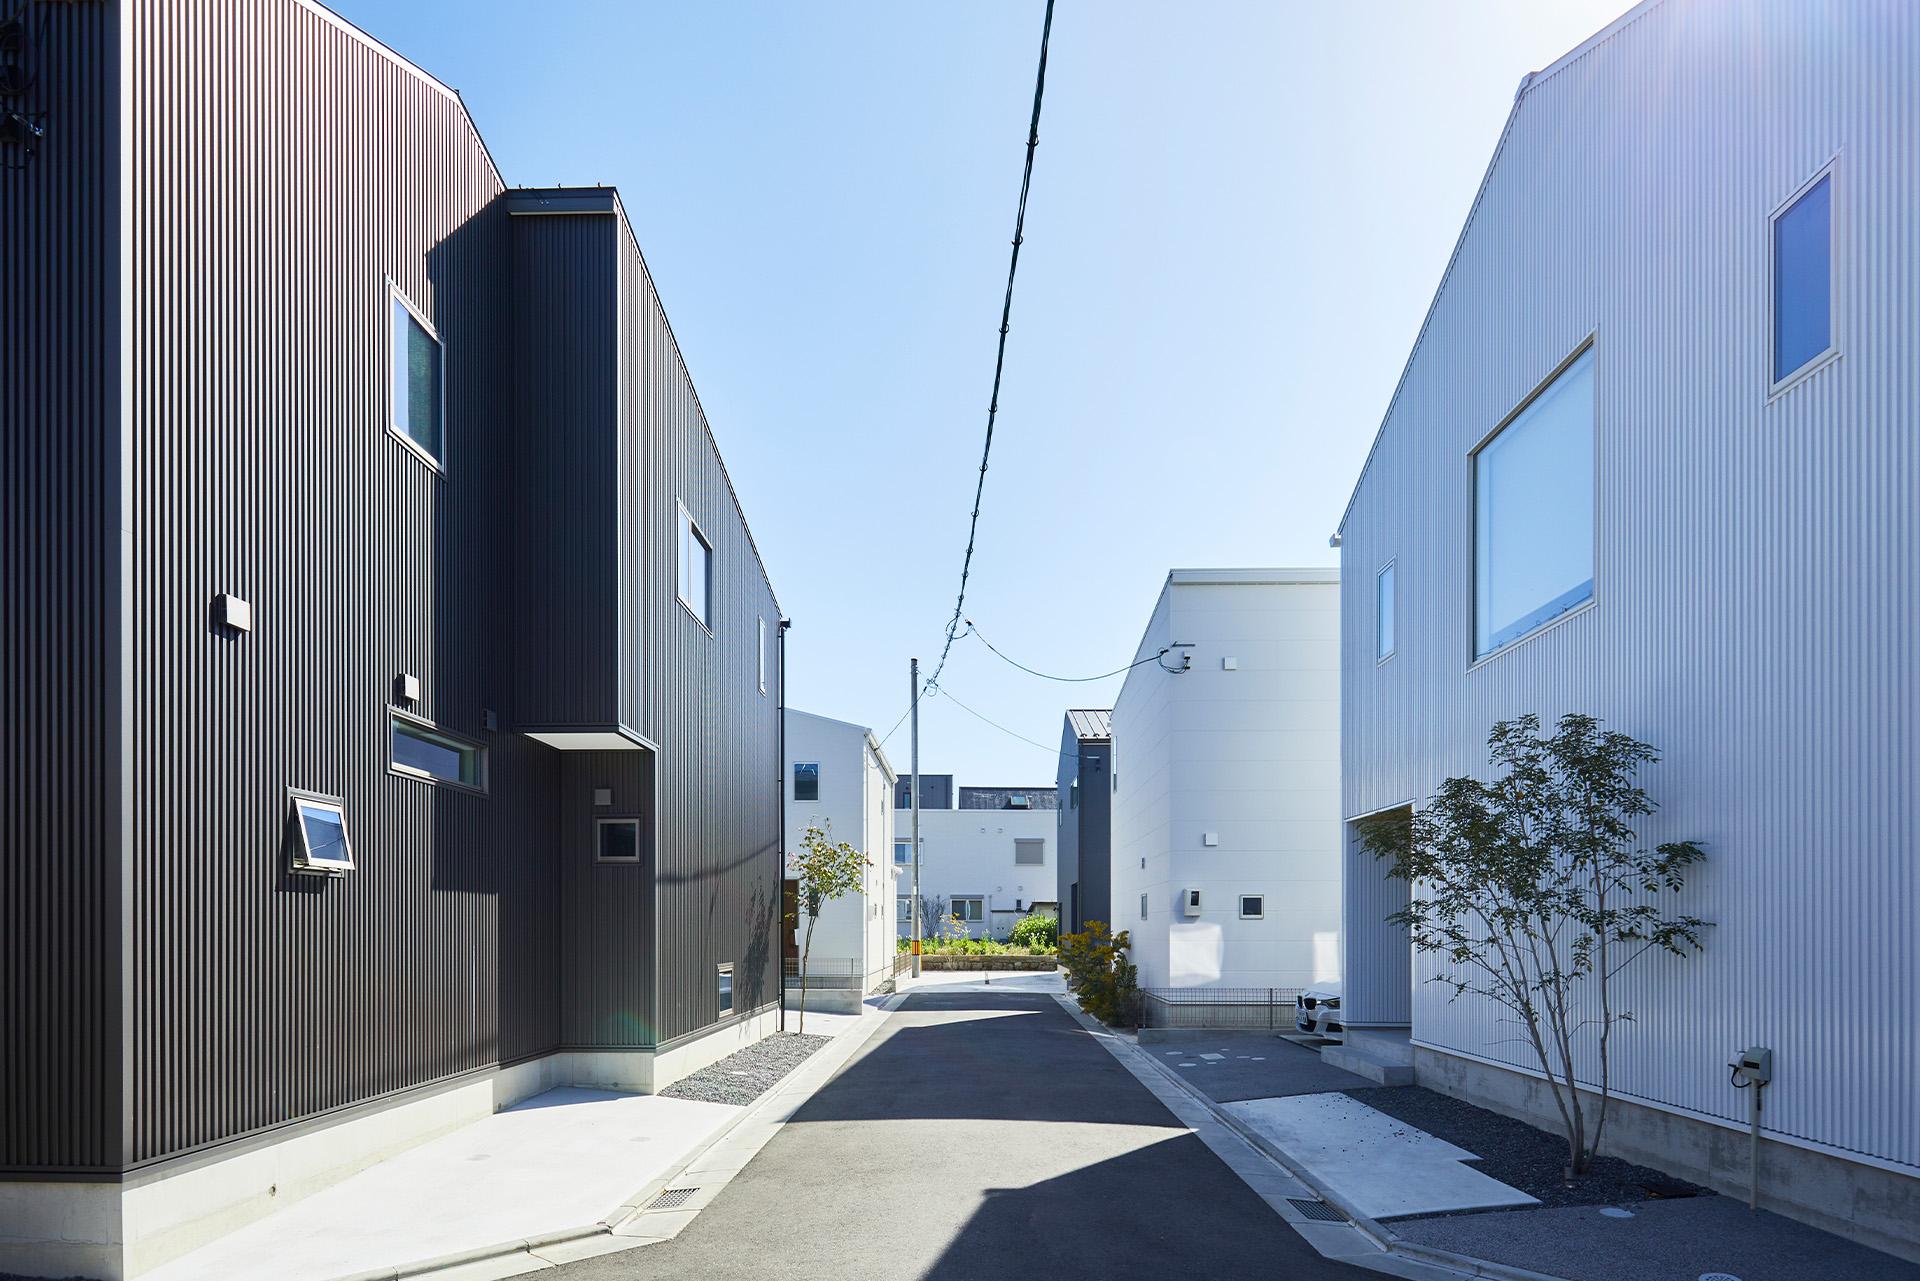 夏涼しく冬暖かく、繰り返しの地震にも強いスーパーウォール工法の家